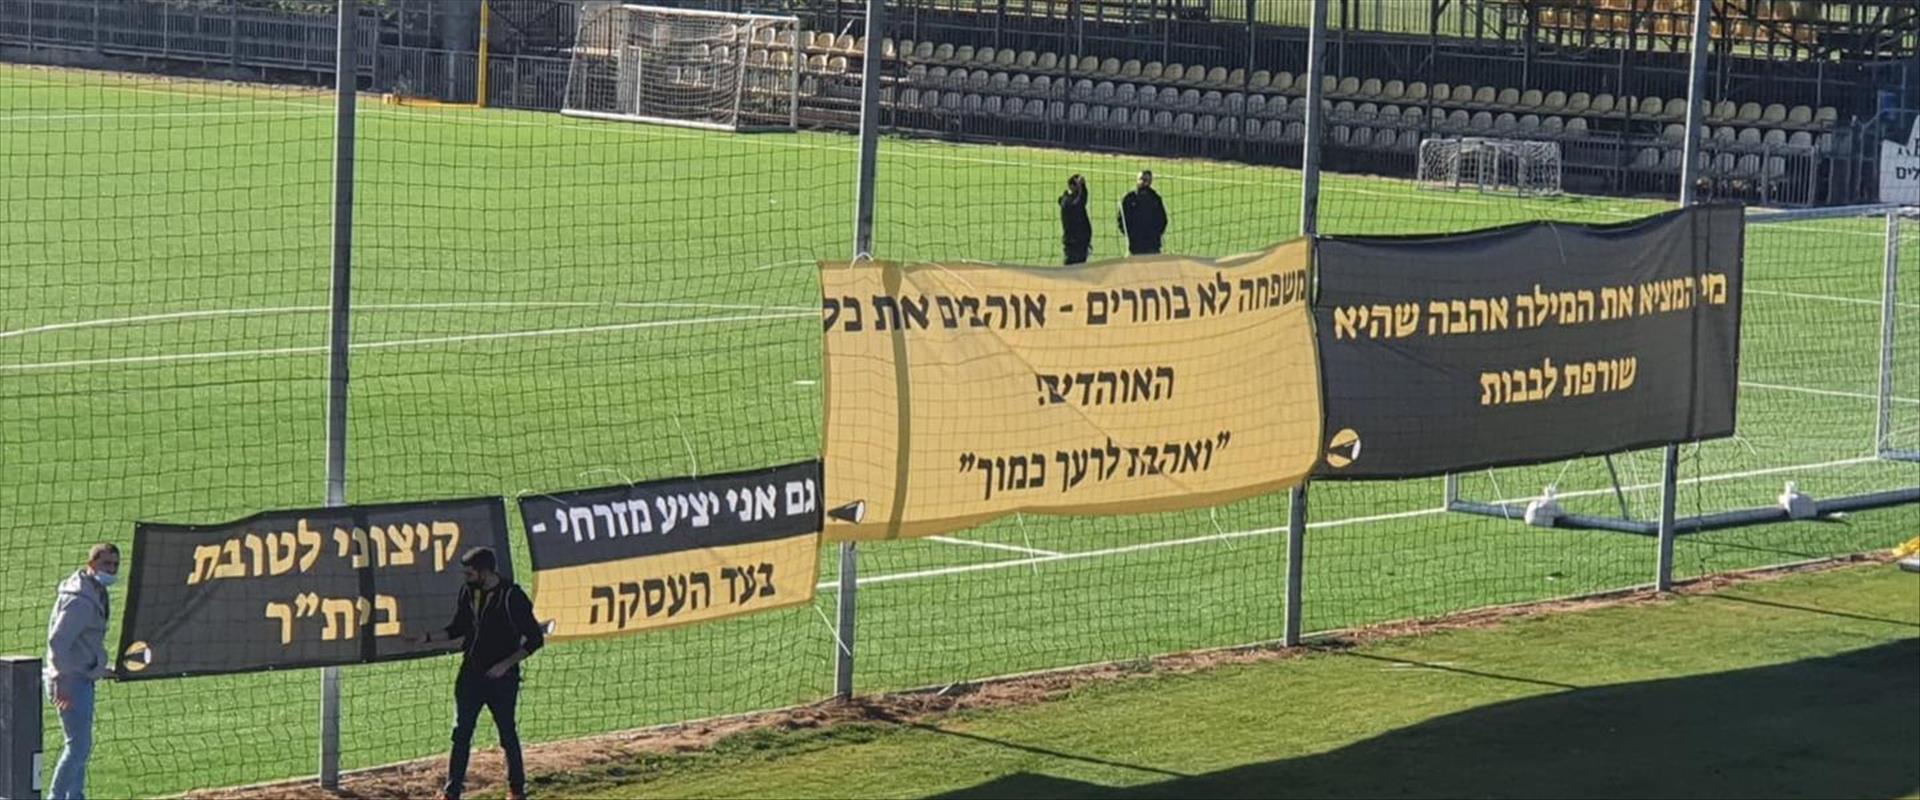 שלטי תמיכה בעסקה שהמועדון תלה על גדר מתחם האימונים